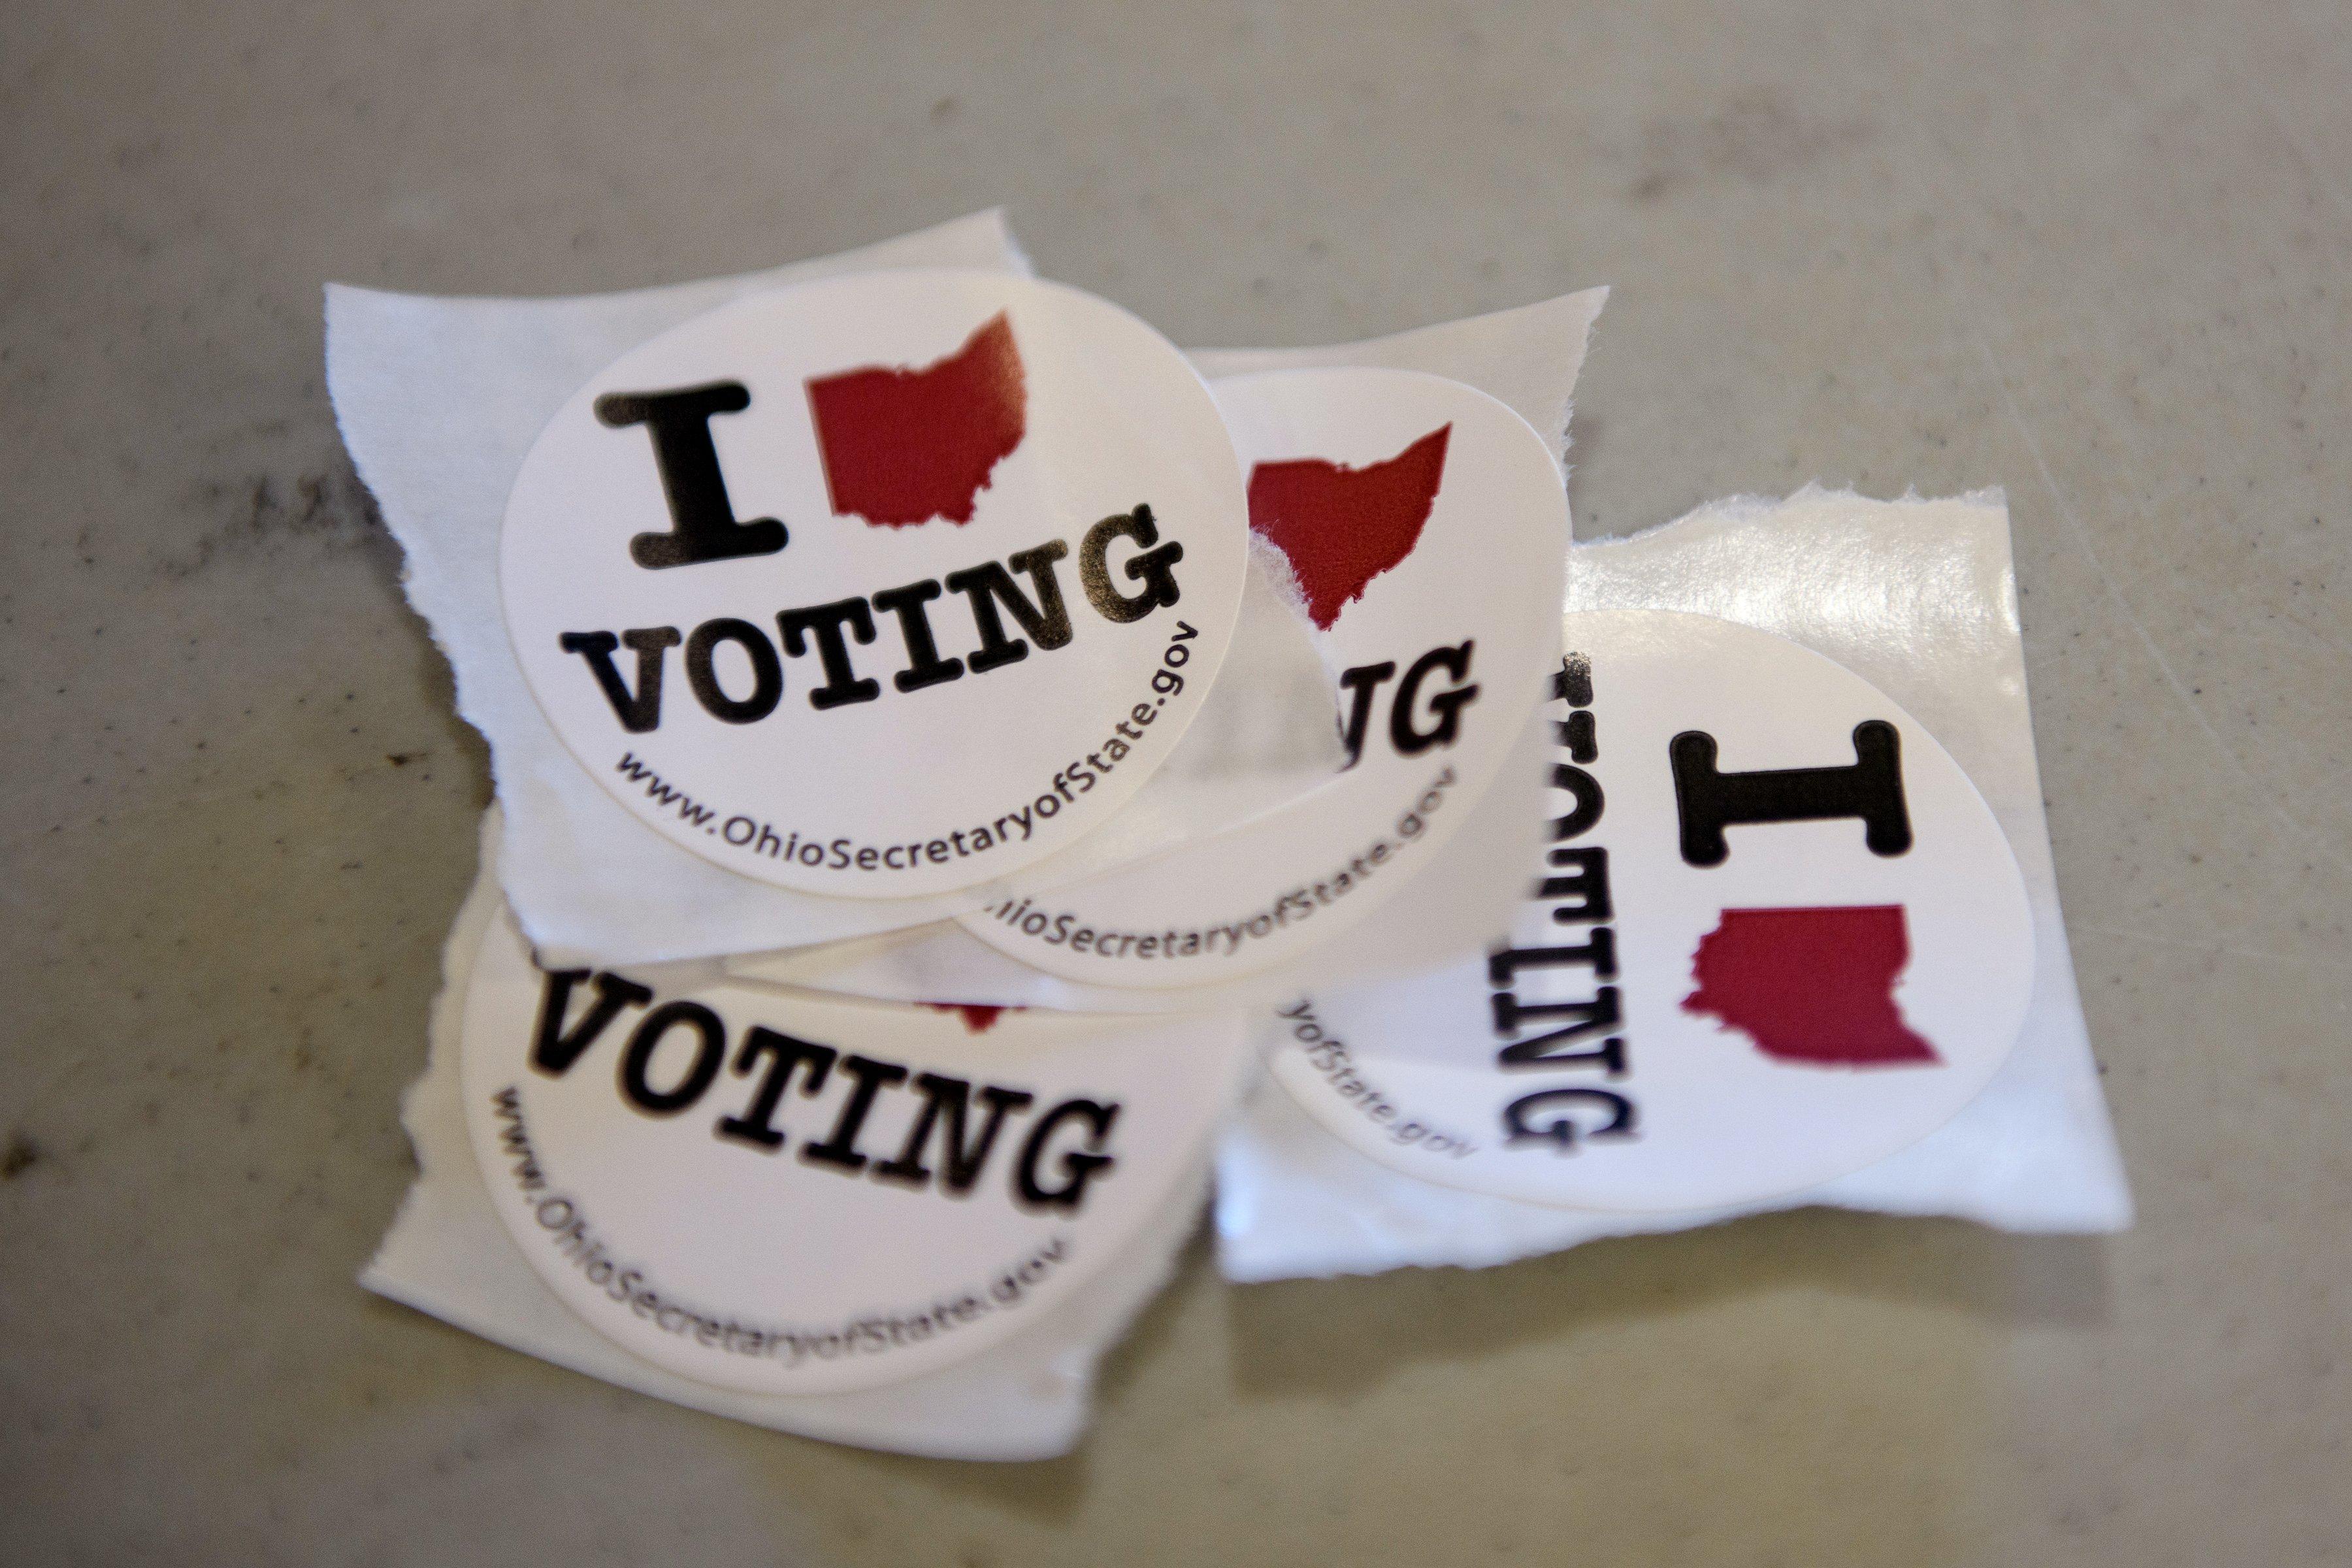 nbcnews.com - New election map: Ohio, Colorado no longer swing states